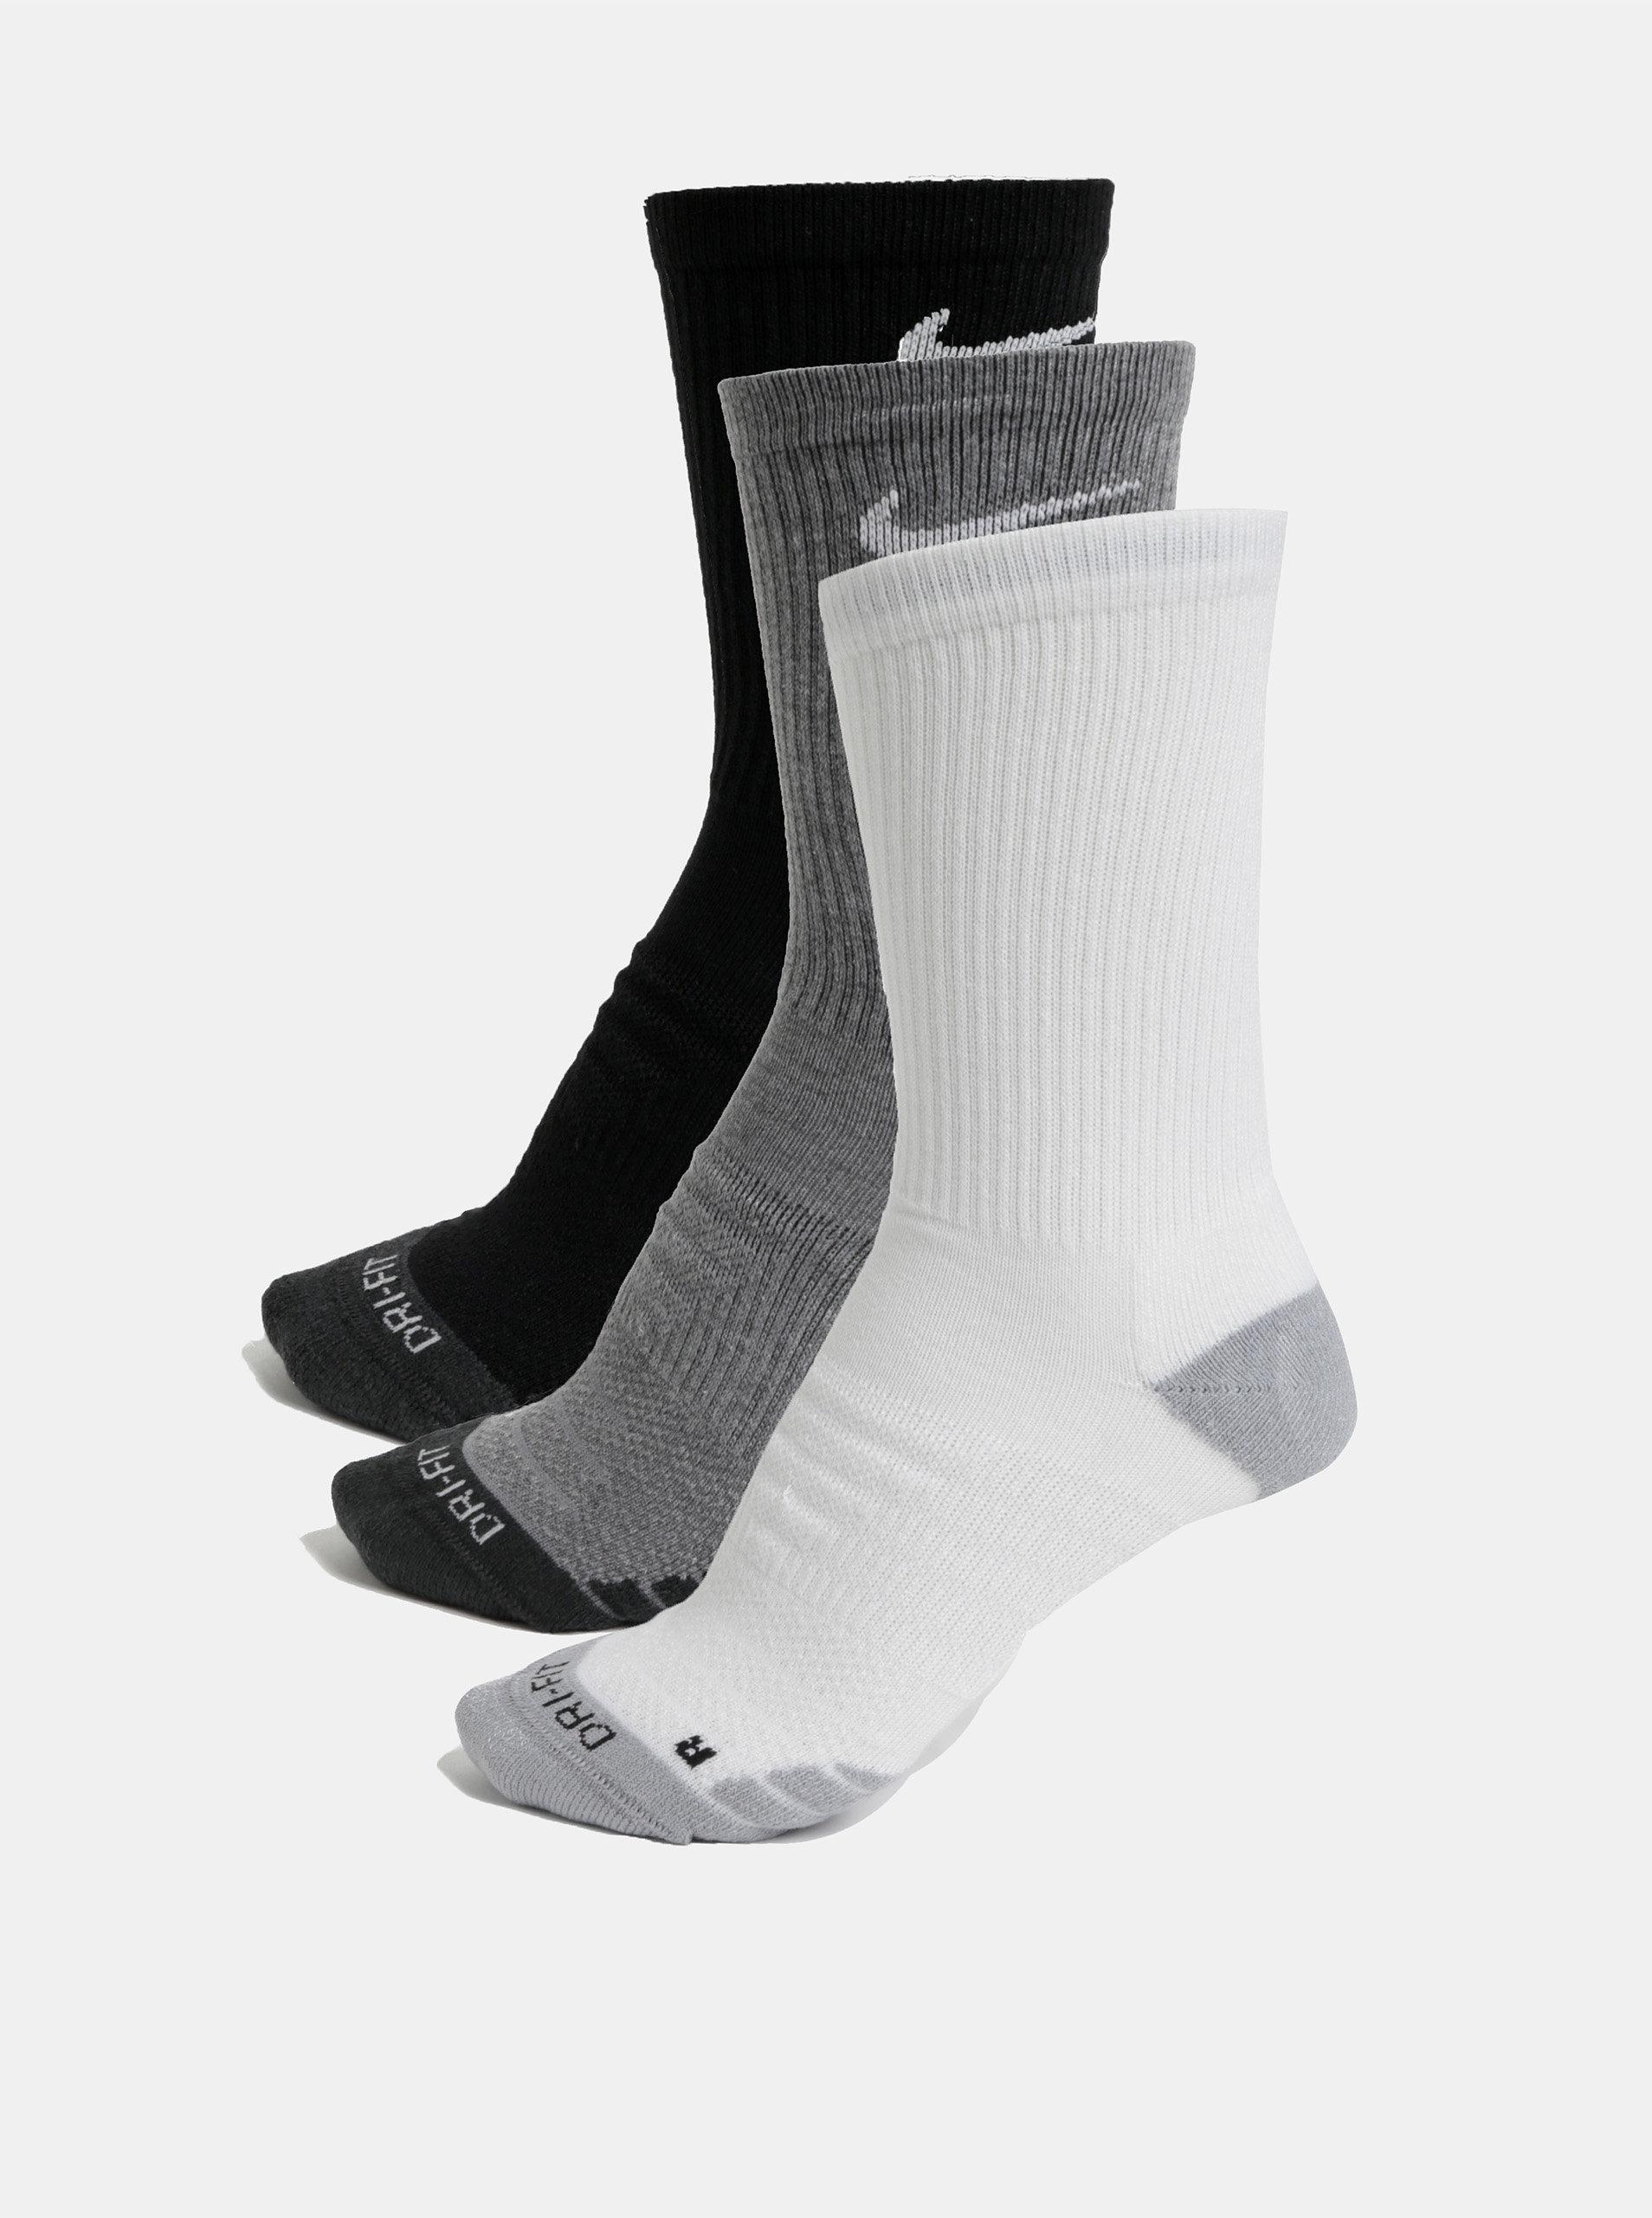 Sada tří párů unisex funkčních ponožek v černé a bílé barvě Nike Everyday  ... 4ca68f3328